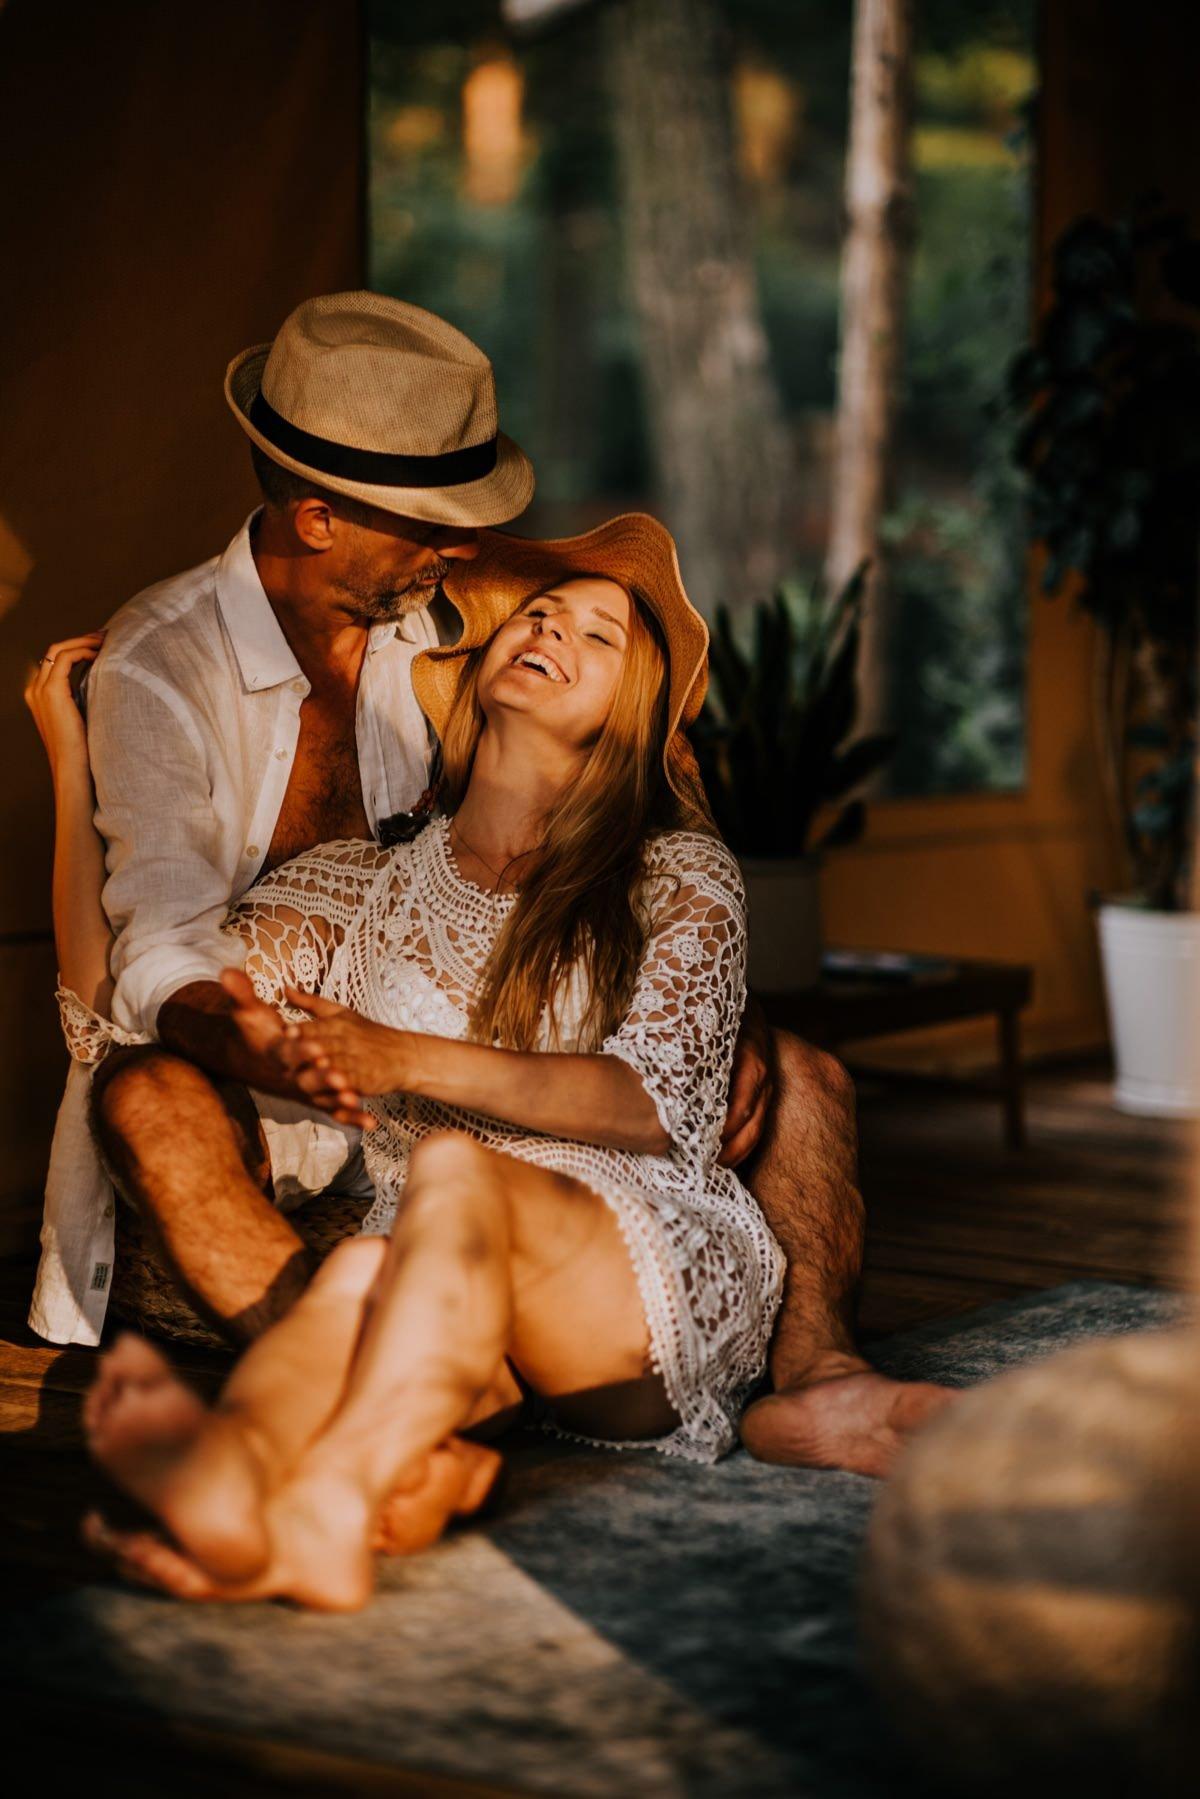 kobieta śmieje się w objęciach ukochanego mężczyzny